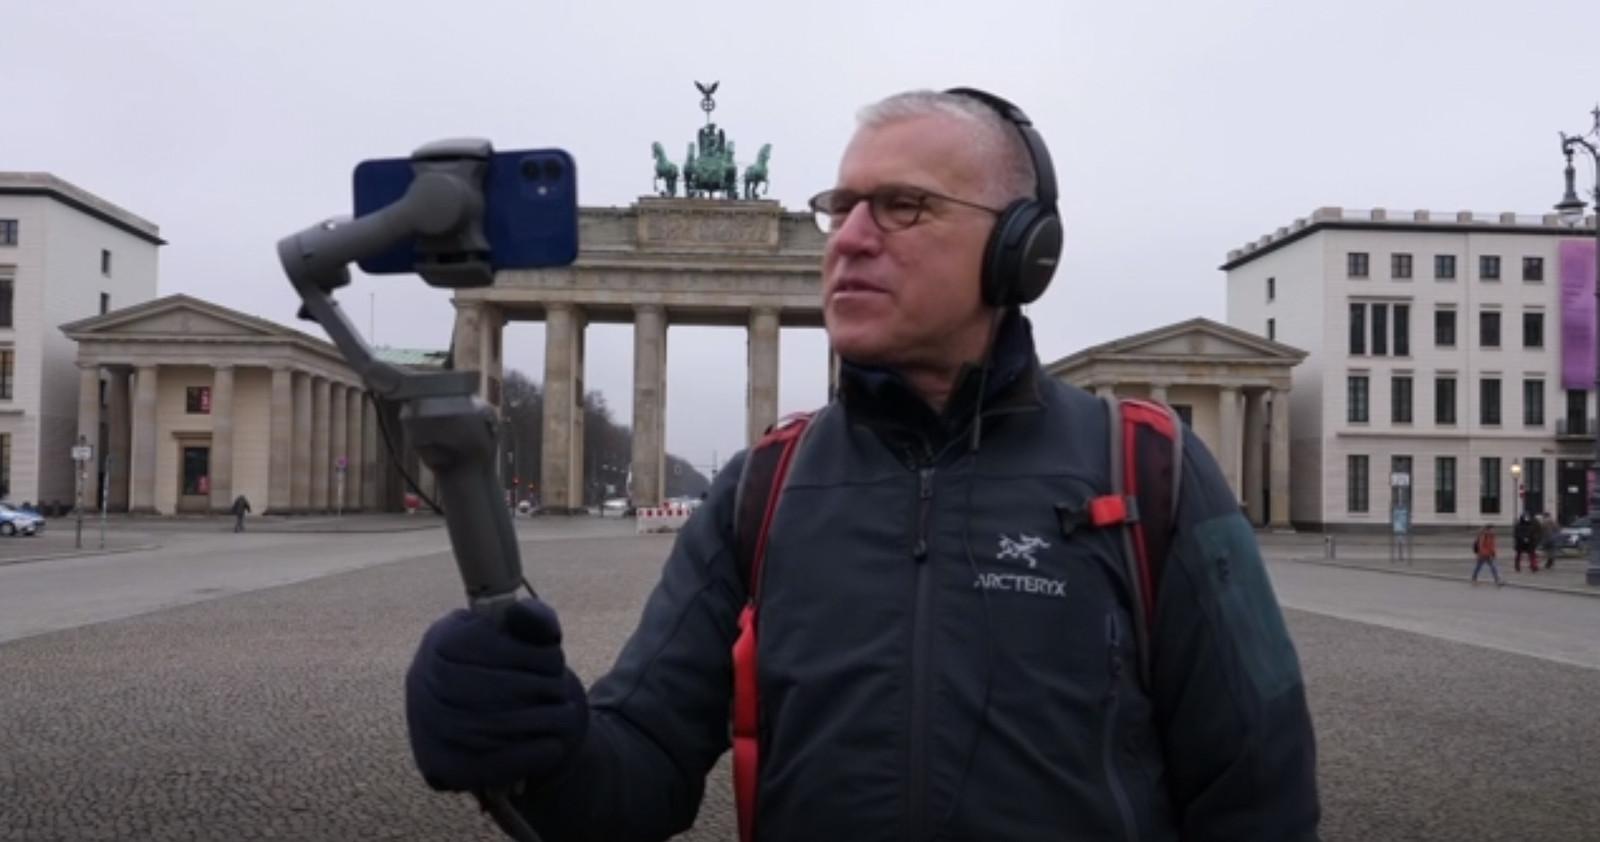 """""""C'est une nouvelle niche qui pourrait être créée pour les personnes qui n'ont pas le temps, qui n'ont plus la possibilité de voyager"""", entrevoit le guide Jeremy Minsberg, ici devant la porte de Brandebourg, à Berlin"""